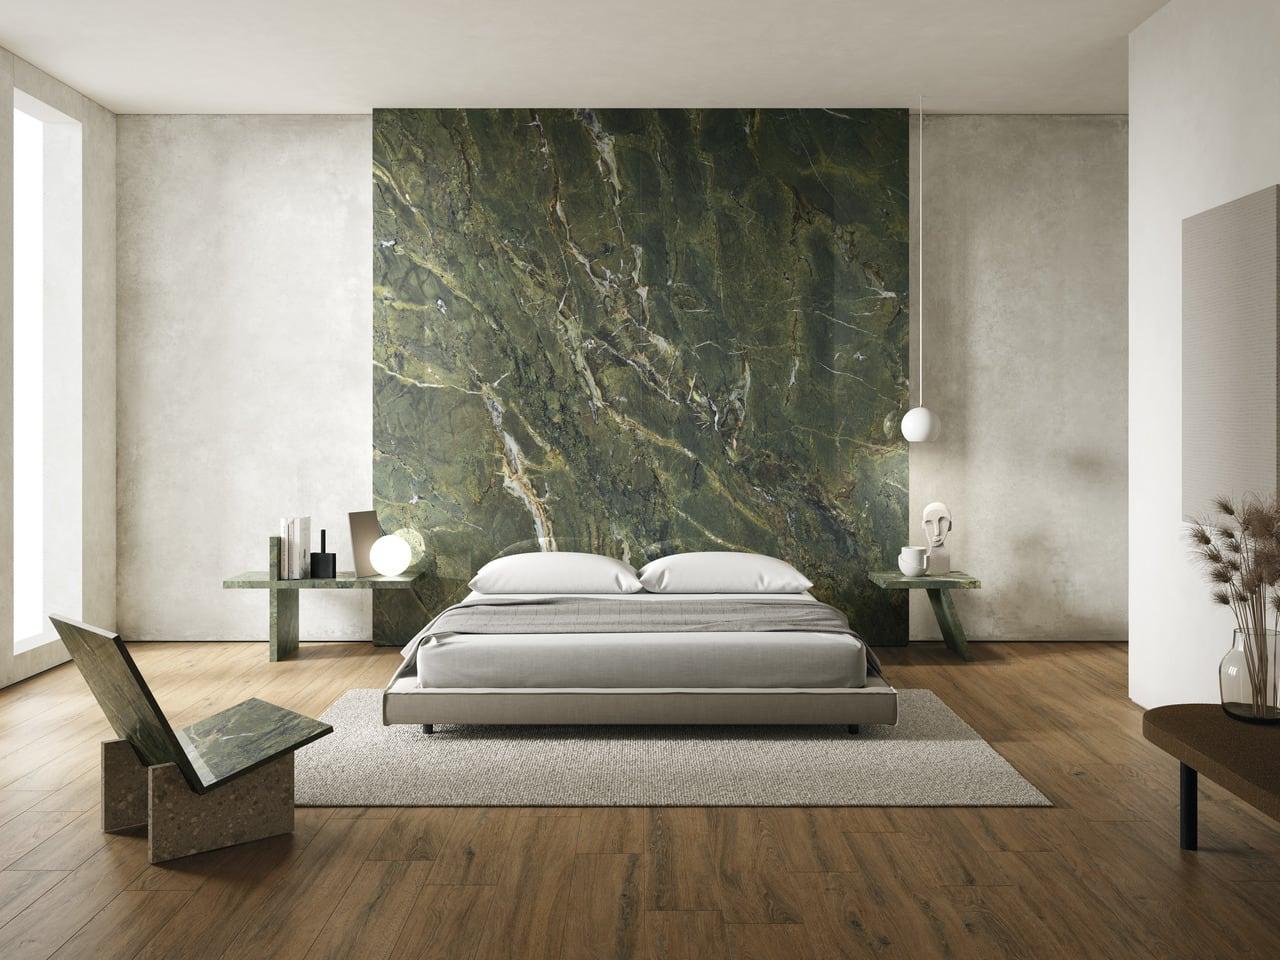 Gạch Marble Green ốp mảng nhấn phòng ngủ